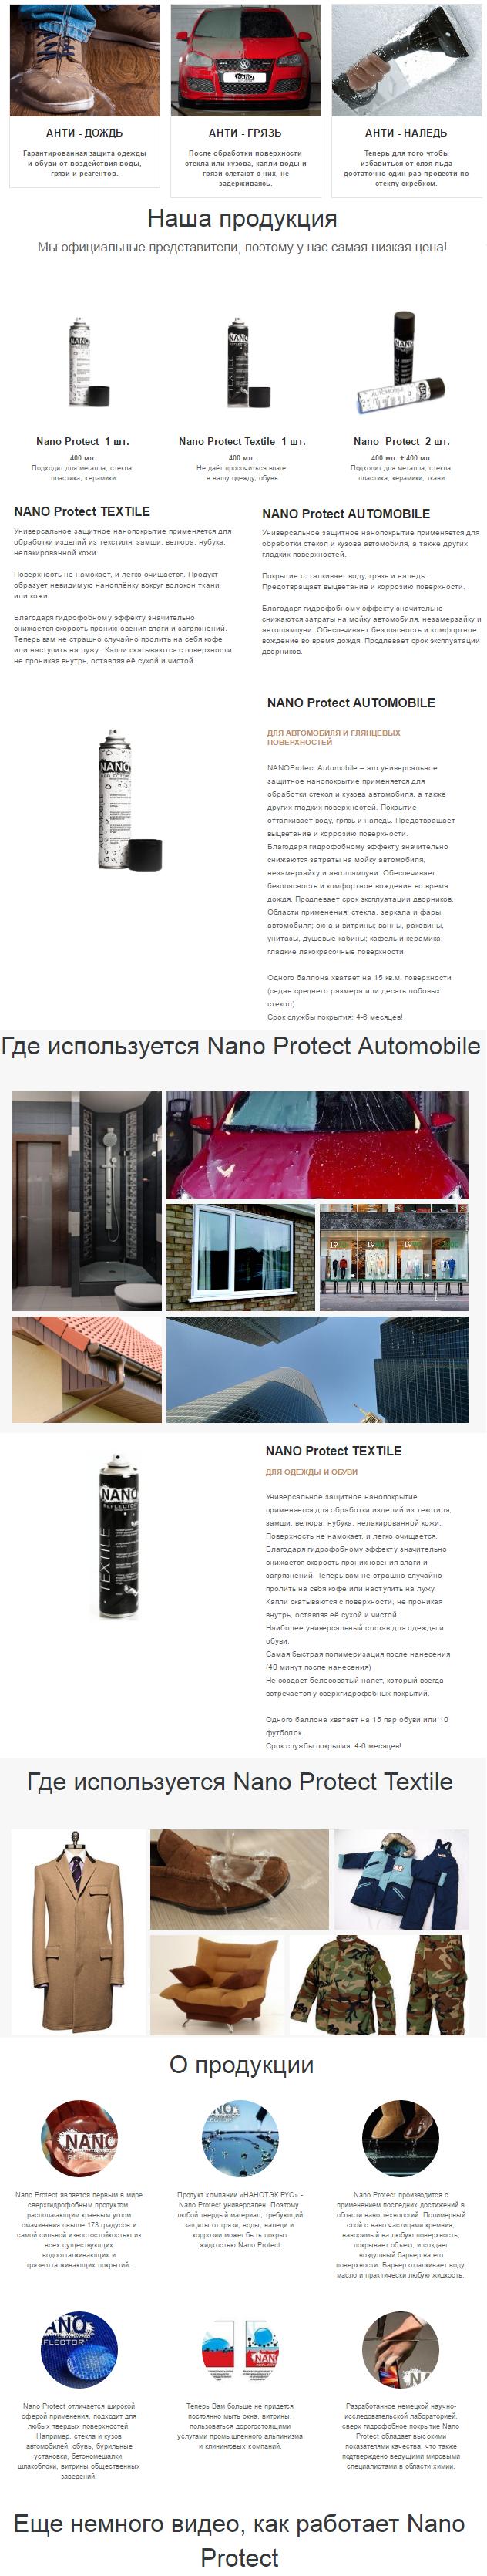 Nano Reflector гидрофобное покрытие купить